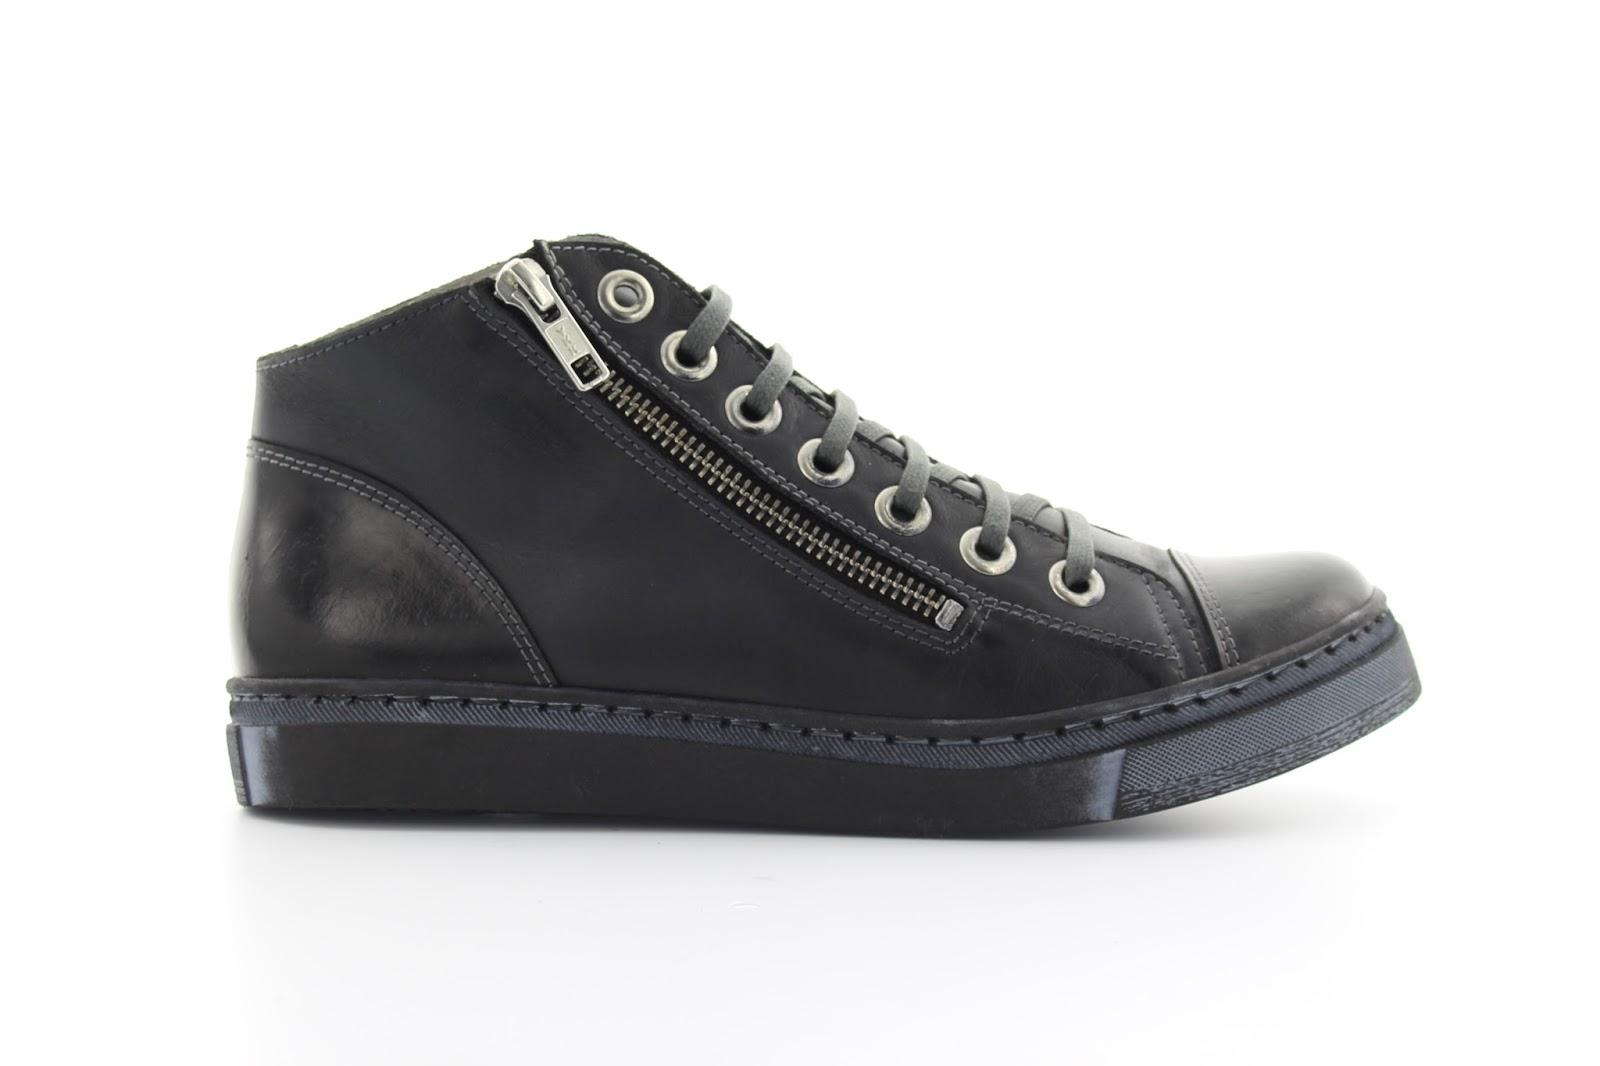 Chaussures Collection 2016 Escarpins Femme femme Salamander MUqzSVp